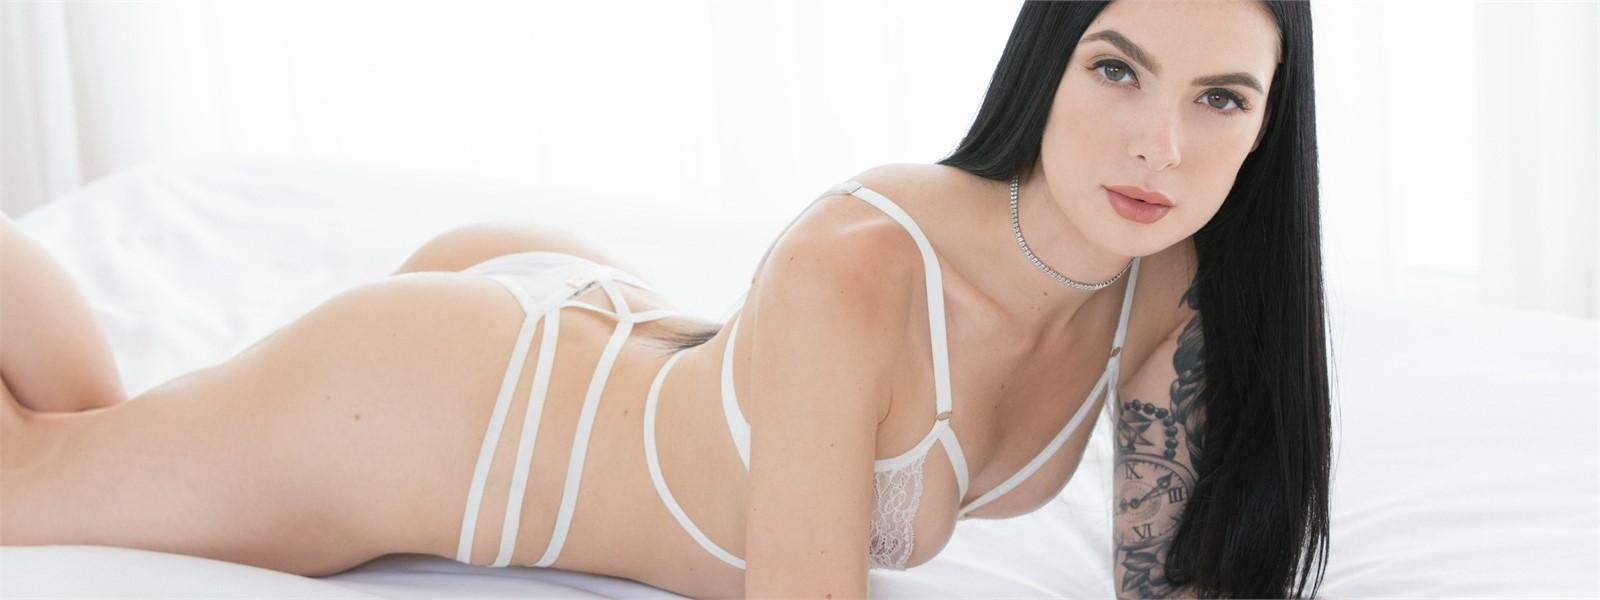 Marley Brinx pornstar